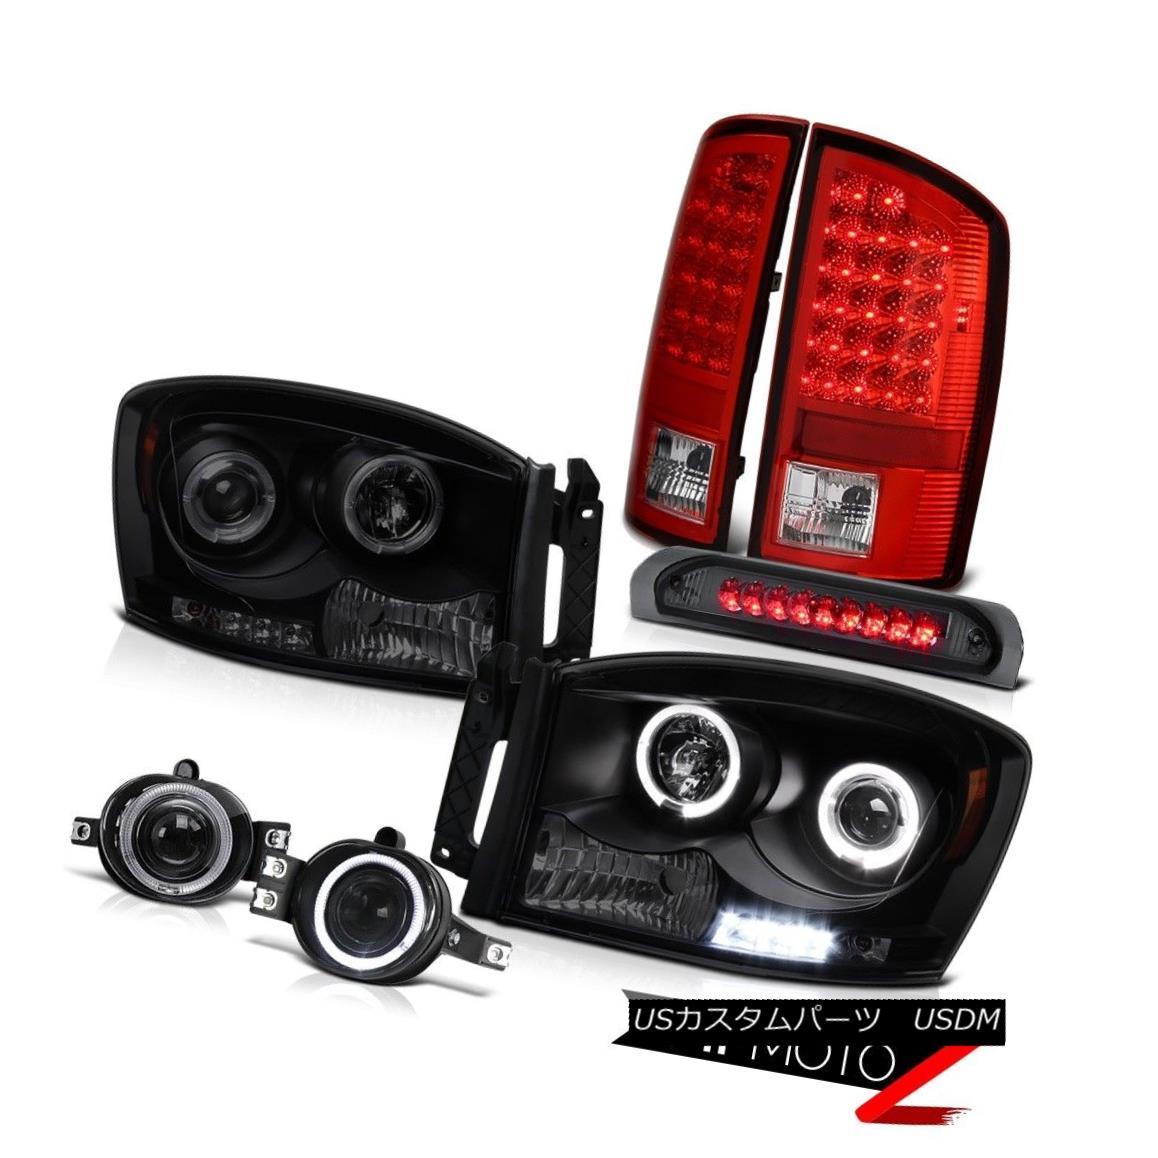 テールライト 2X Halo LED Projector Headlamp Tail Light Foglights Third Brake Lamp Sport 07 08 2X Halo LEDプロジェクターヘッドランプテールライトフォグライトThird Brake Lamp Sport 07 08